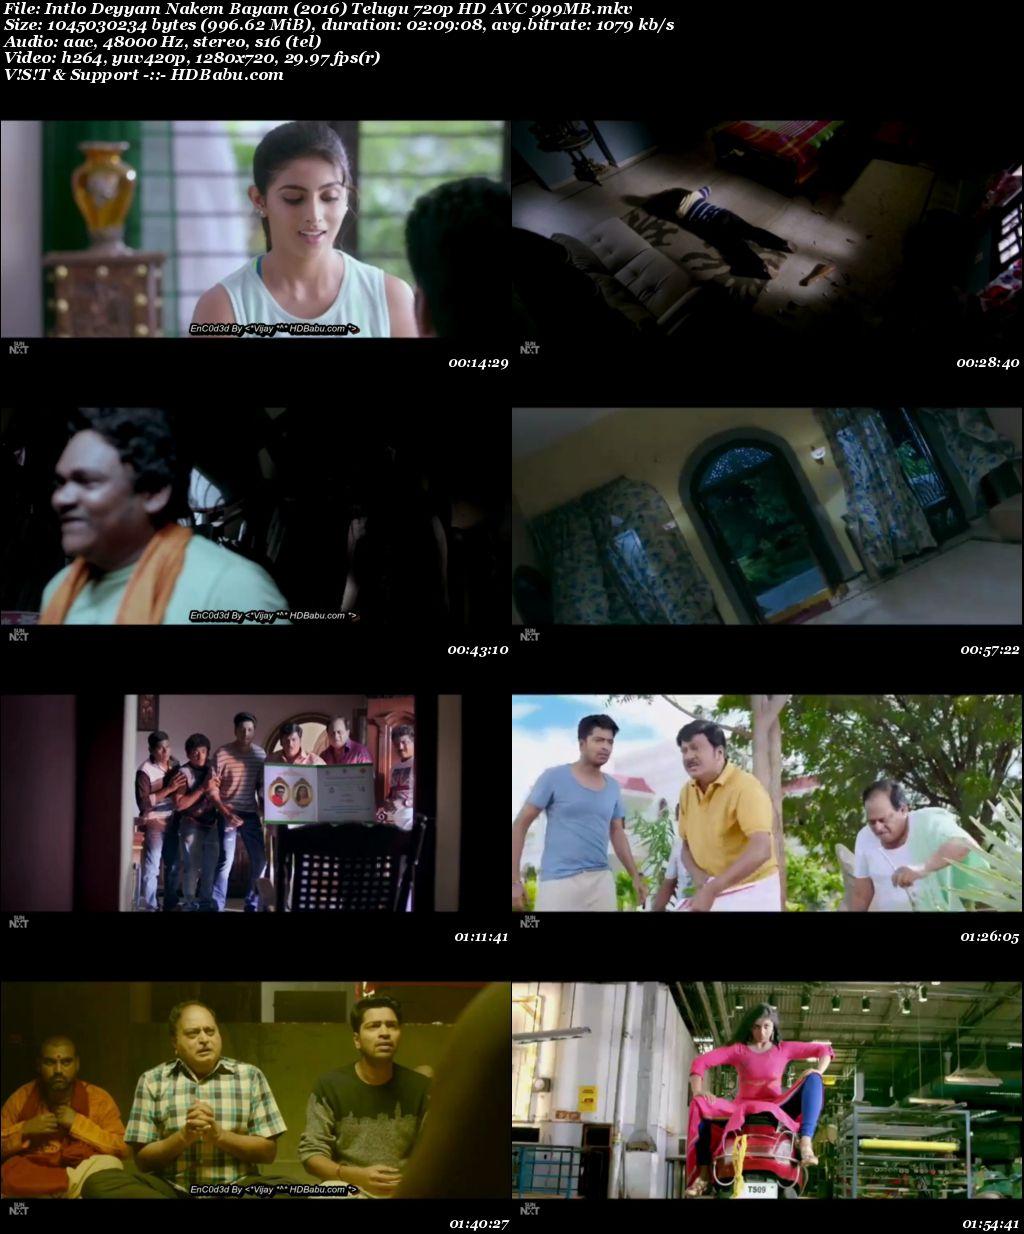 Intlo Deyyam Nakem Bayam Full Movie Download